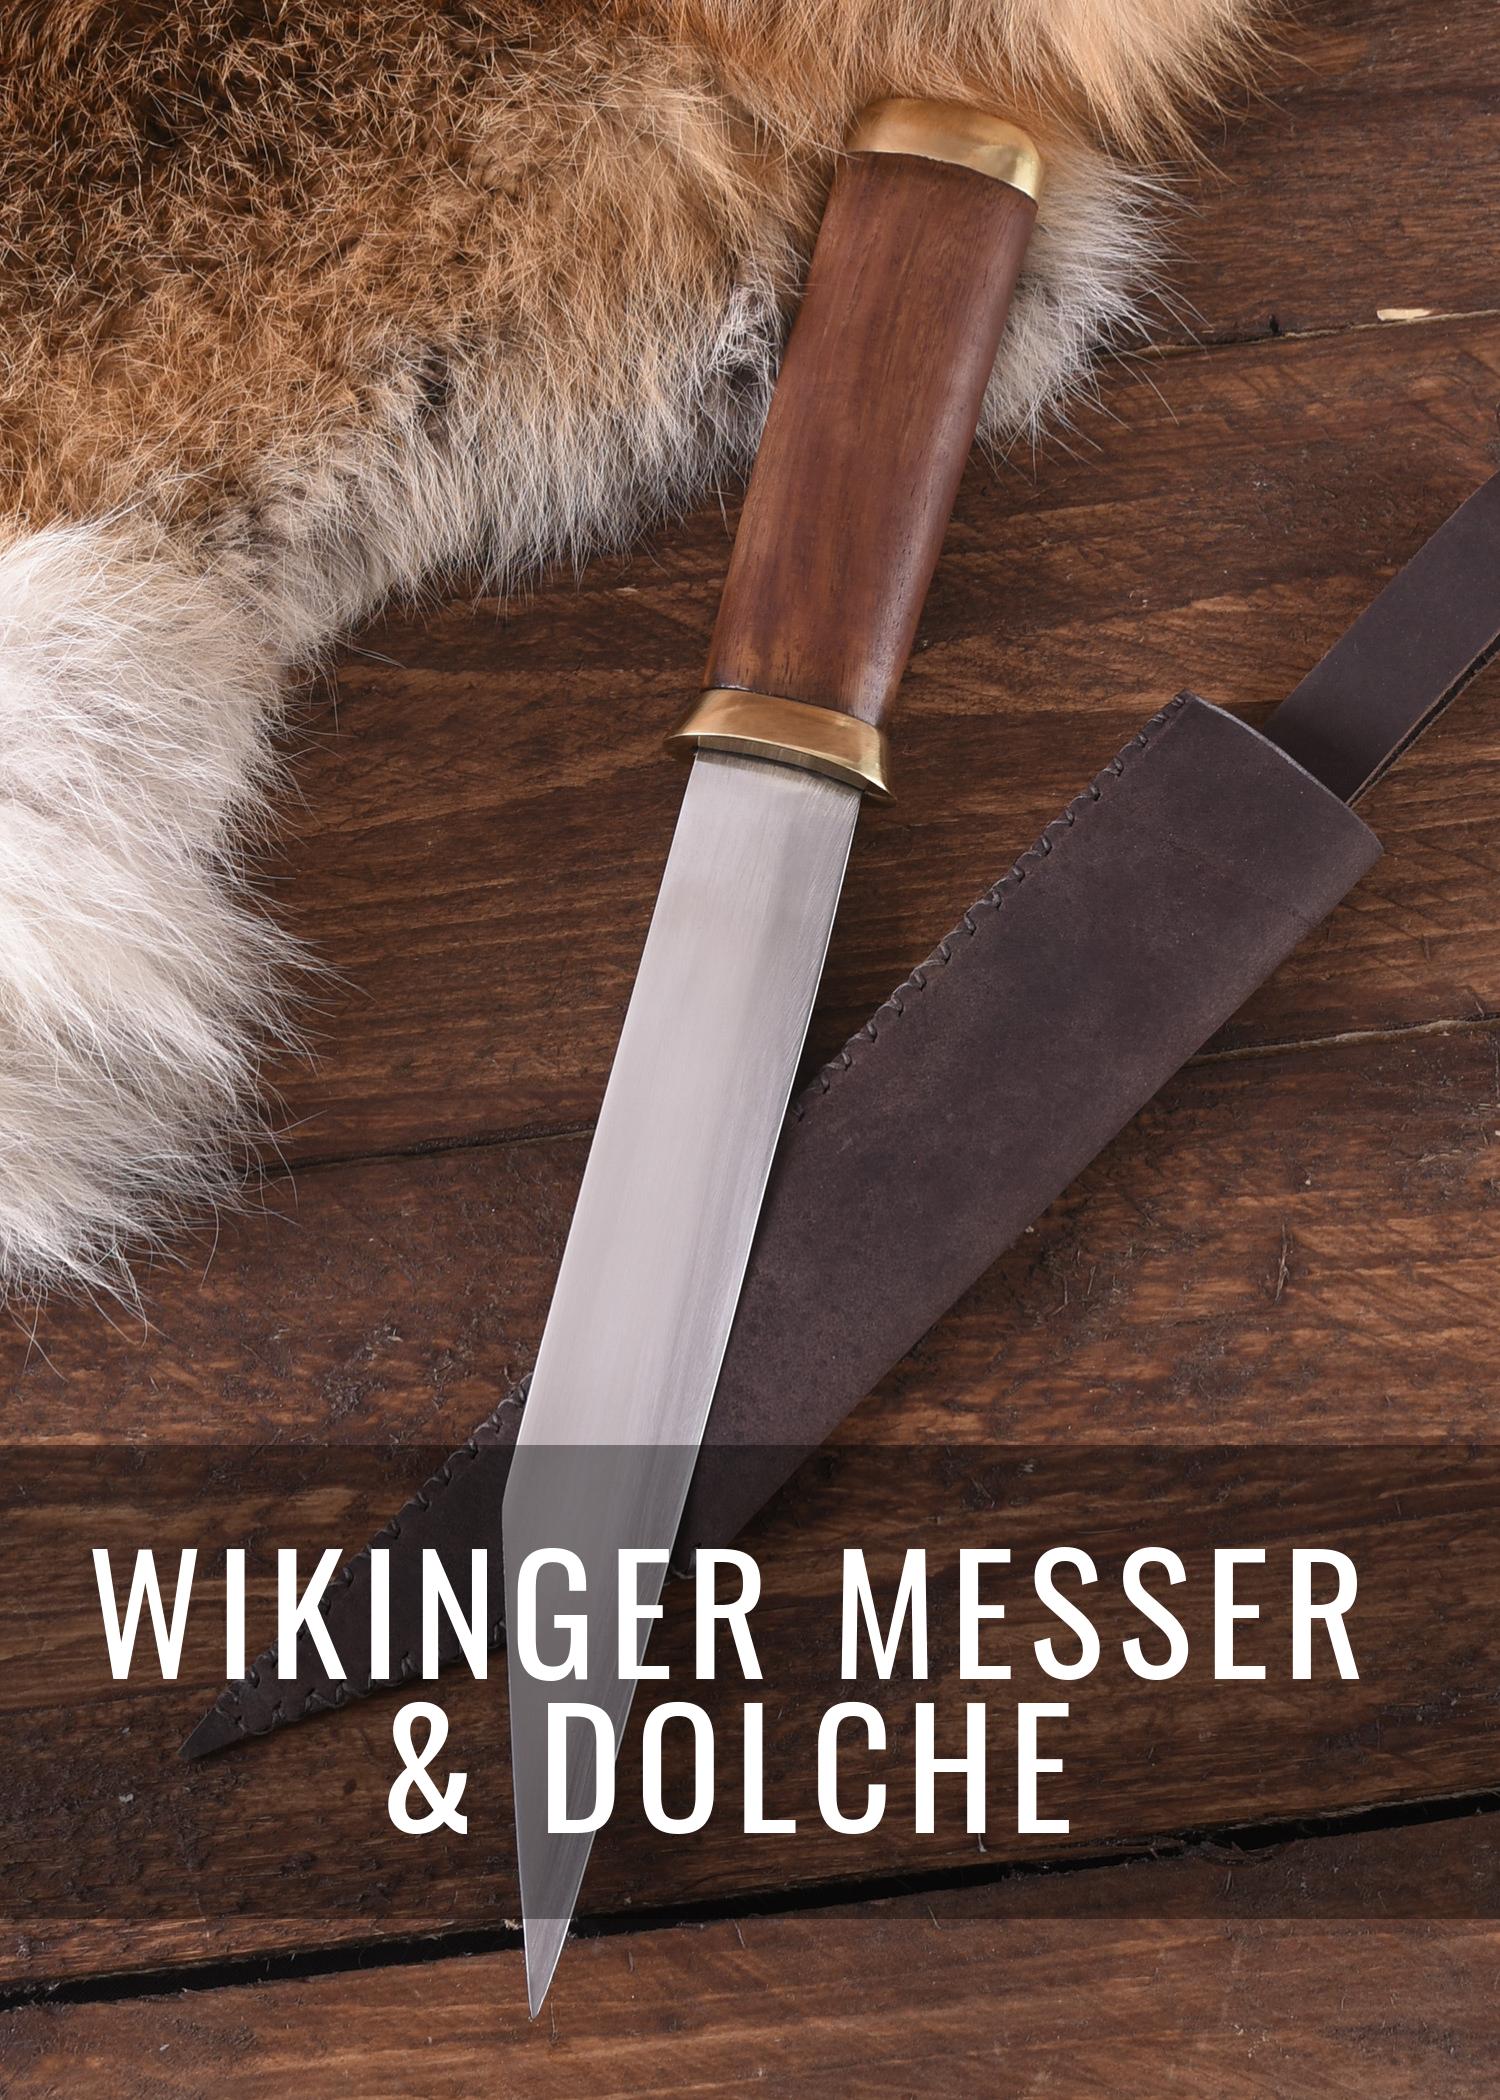 Wikinger Messer, Dolche und Saxe